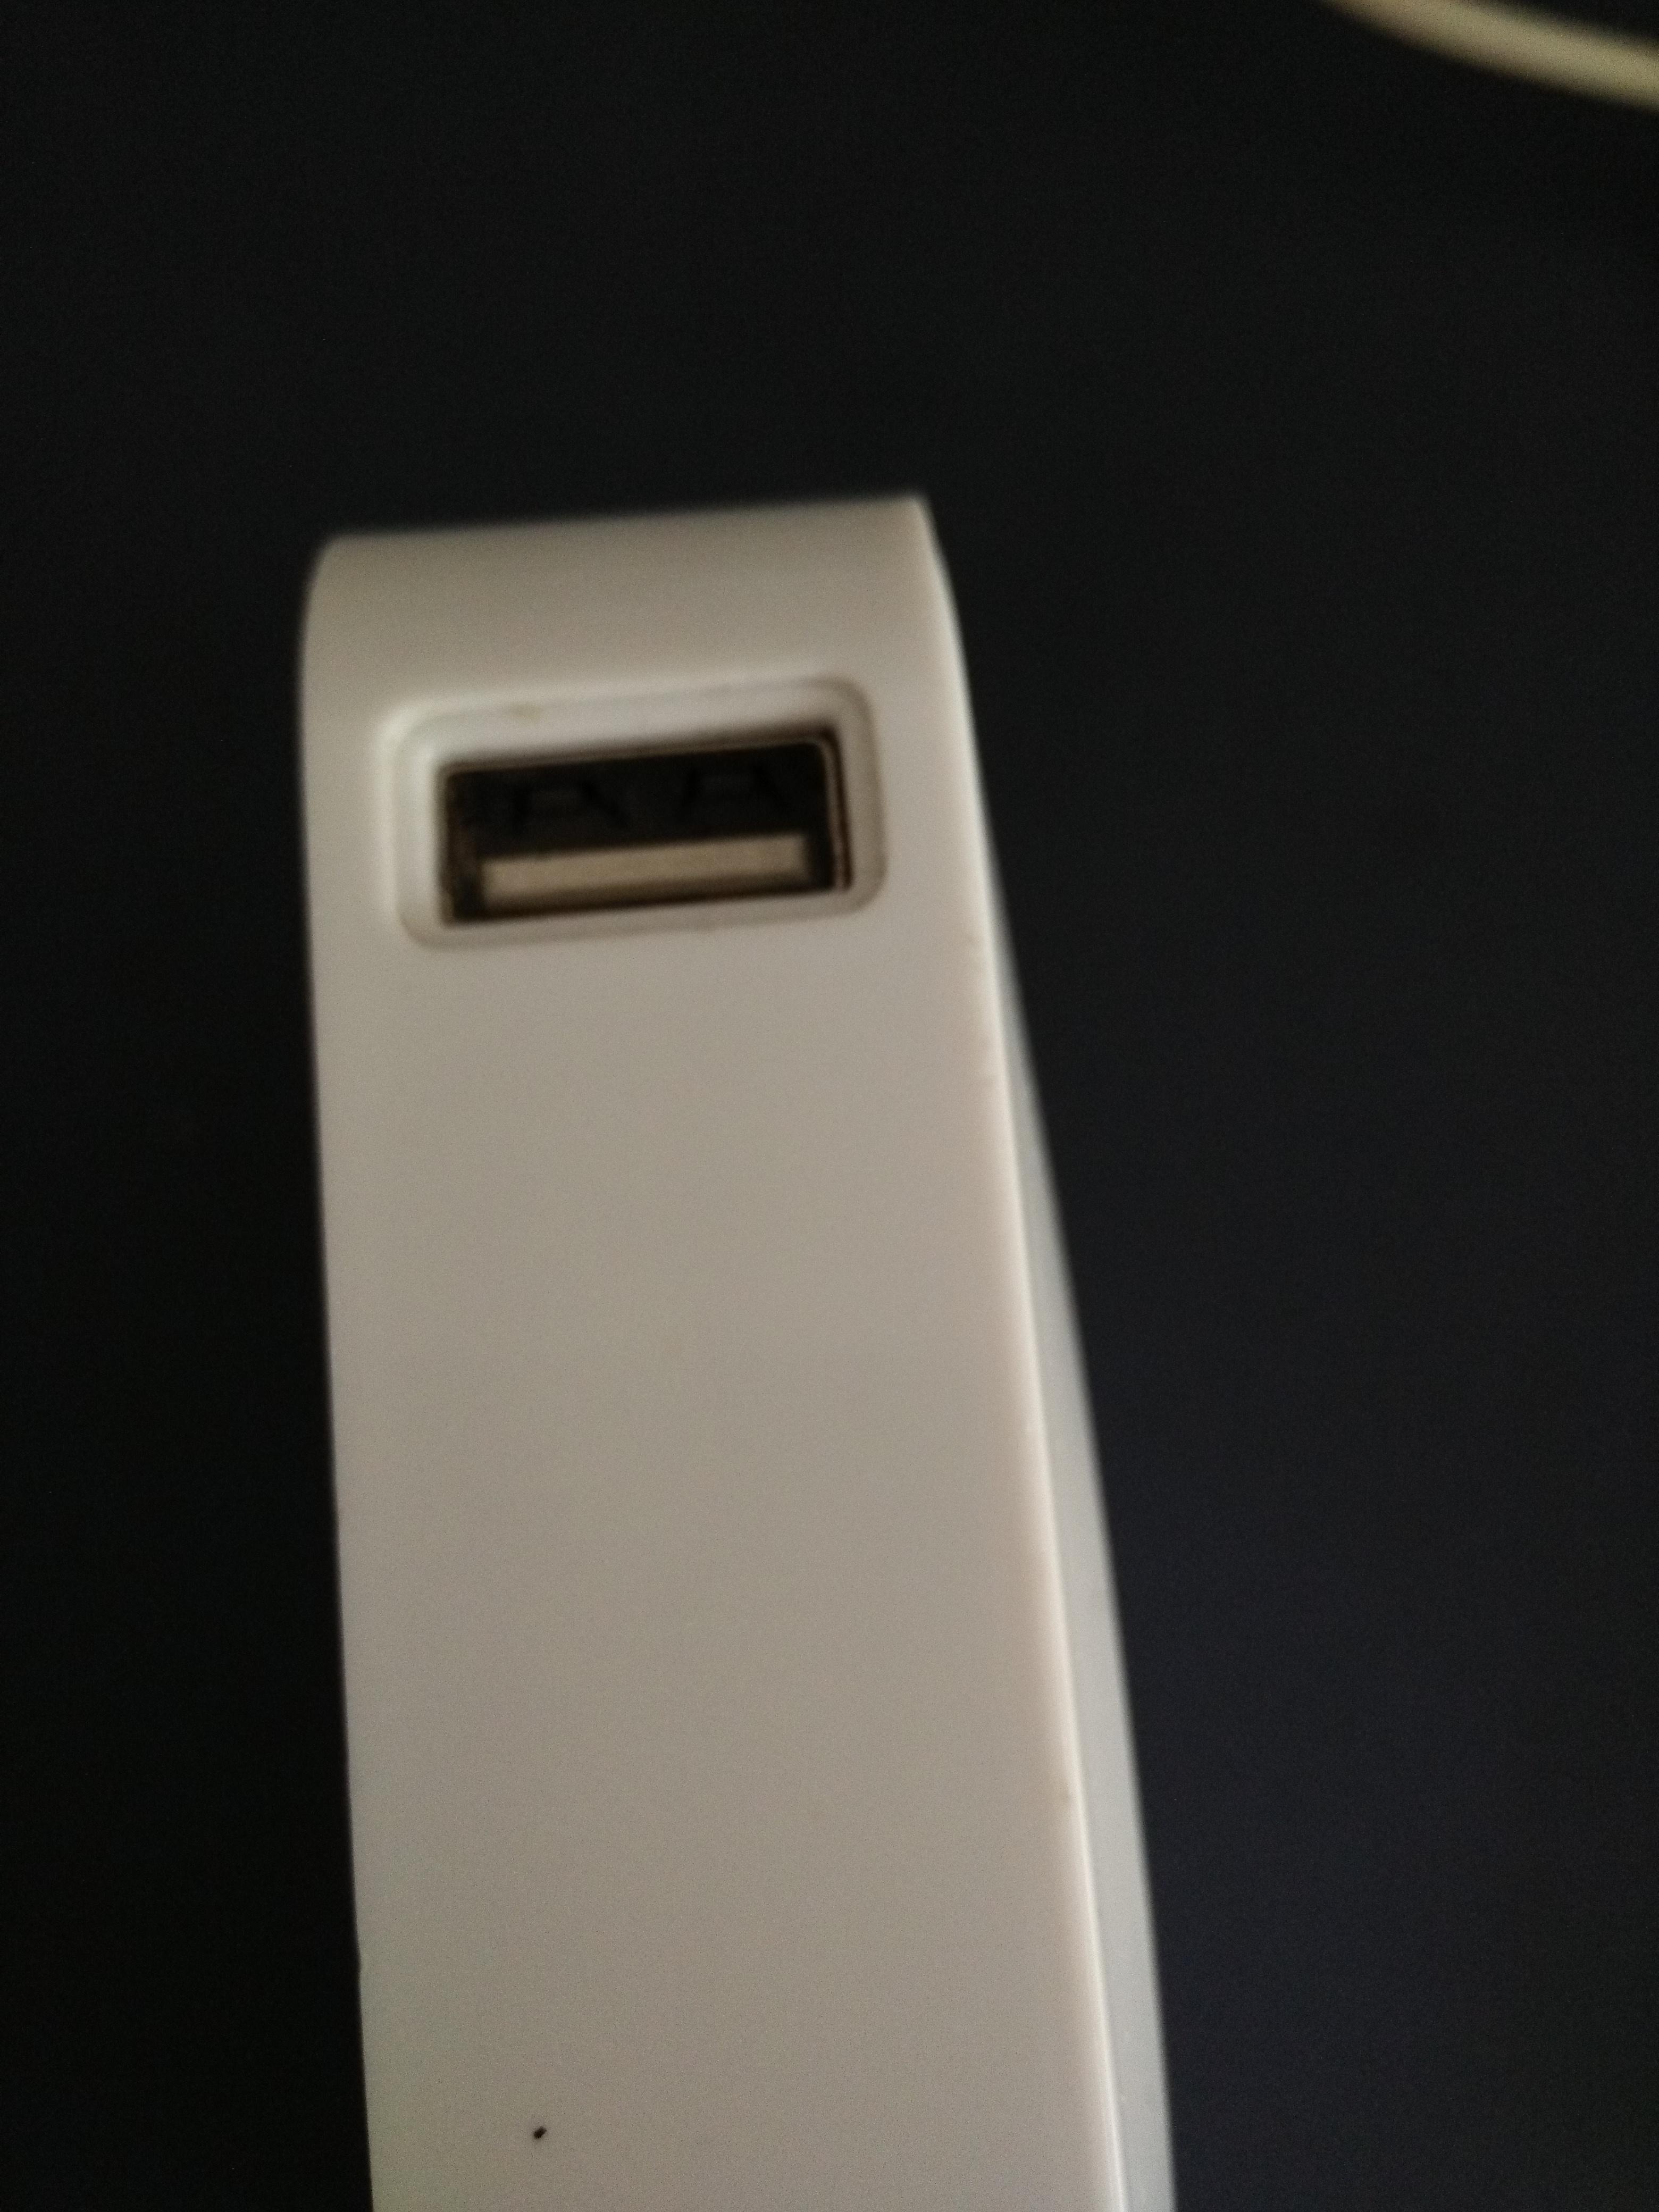 移动电源(充电宝) 羽博移动电源(充电宝) 羽博yb-647 点评